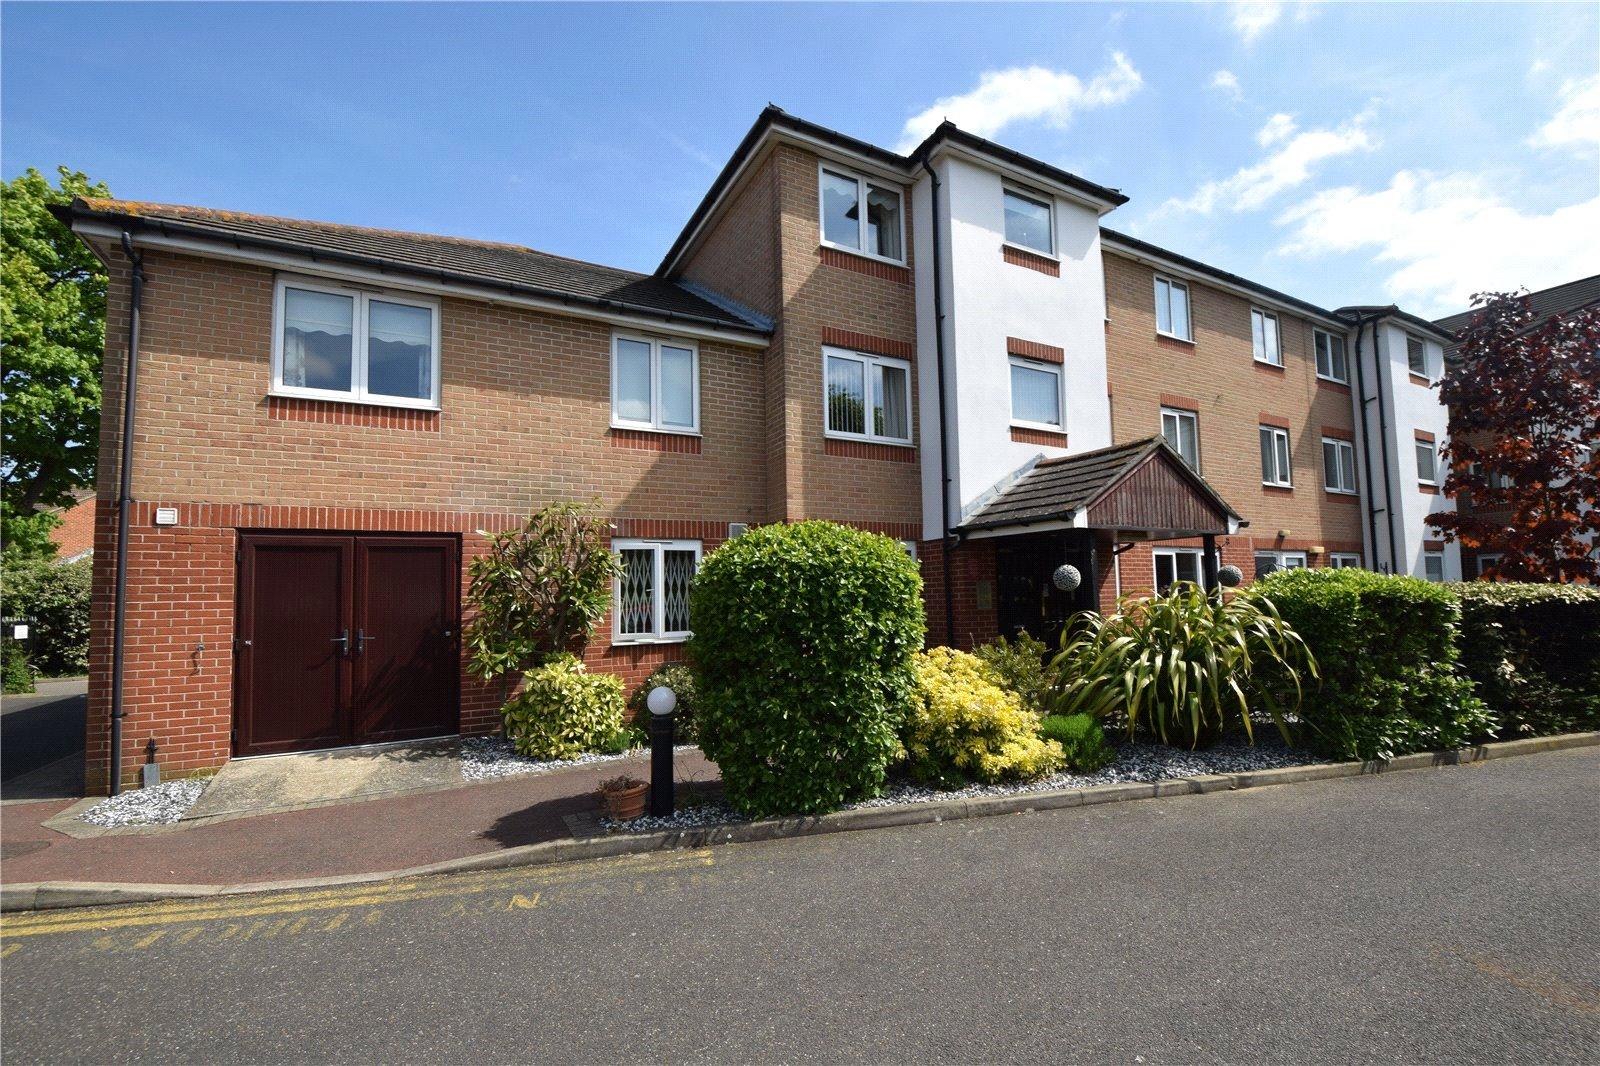 Kennett Court, Oakleigh Close, Swanley, Kent, BR8